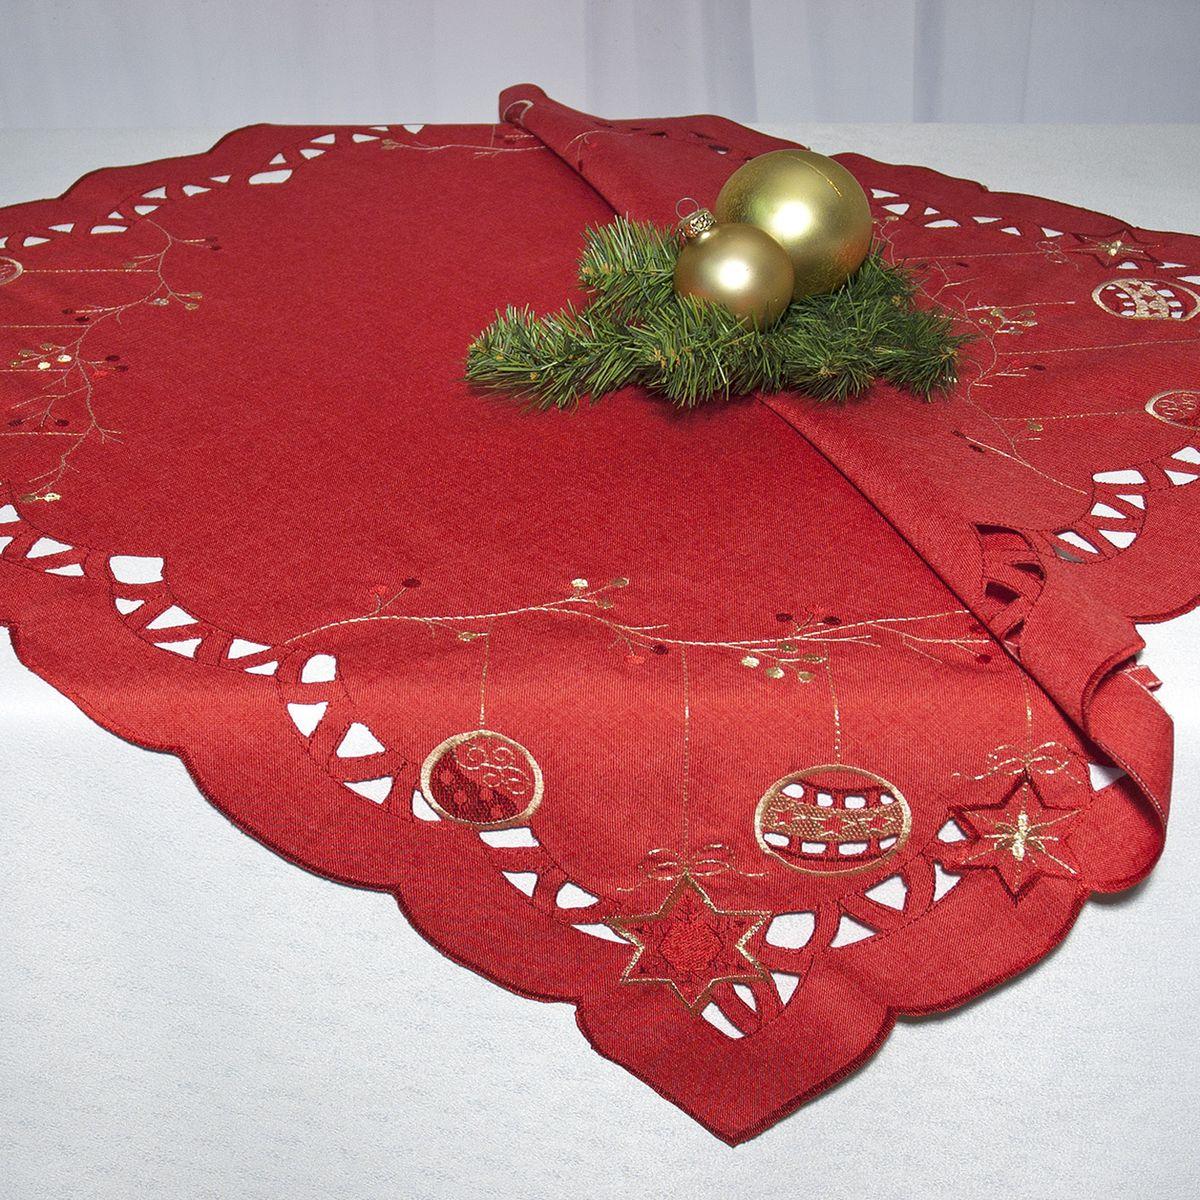 Скатерть Schaefer, квадратная, цвет: красный, 85 x 85 см 07393-100VT-1520(SR)Квадратная скатерть Schaefer, выполненная из полиэстера, станет прекрасным украшением новогоднего стола. Изделие декорировано изысканной перфорацией по краю и вышивкой в виде елочных игрушек. За текстилем из полиэстера очень легко ухаживать: он легко стирается, не мнется, не садится и быстро сохнет, более долговечен, чем текстиль из натуральных волокон.Использование такой скатерти сделает застолье торжественным, поднимет настроение гостей и приятно удивит их вашим изысканным вкусом. Это текстильное изделие станет изысканным украшением вашего дома!